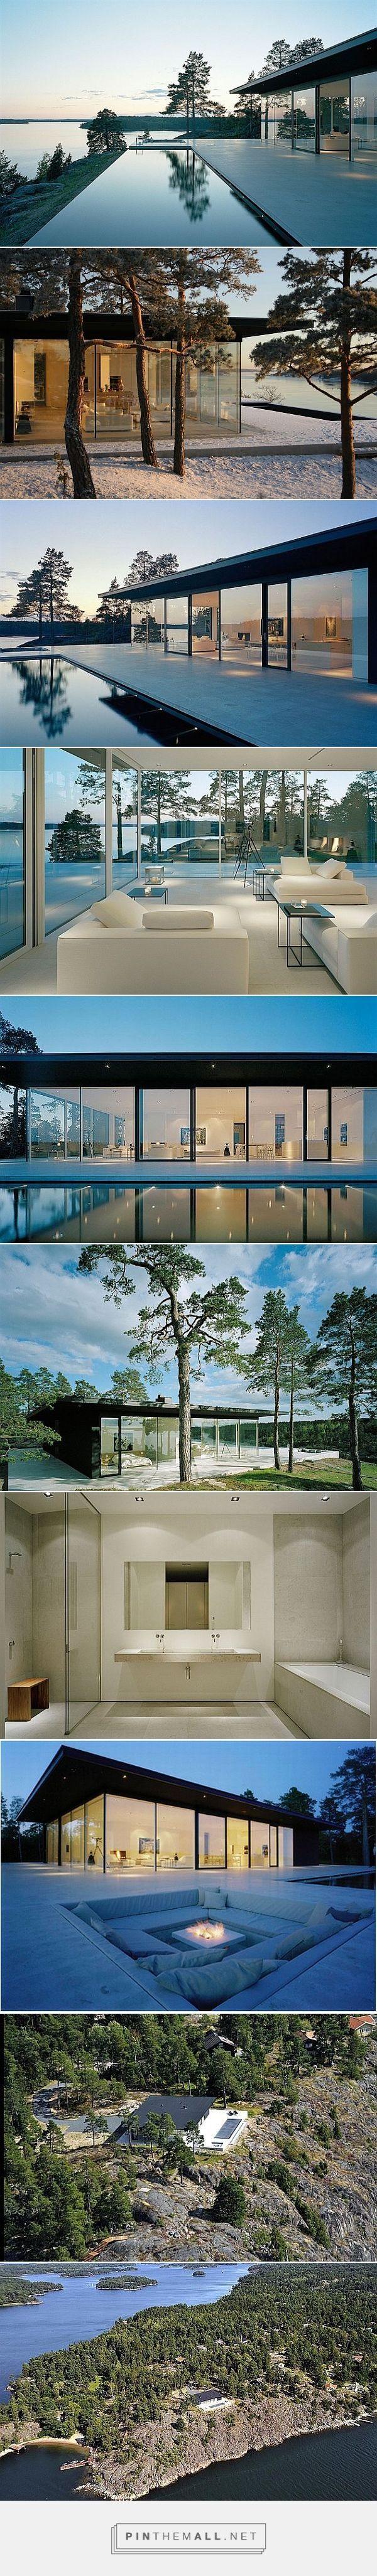 best villaaaaaa images on pinterest luxury houses luxury homes